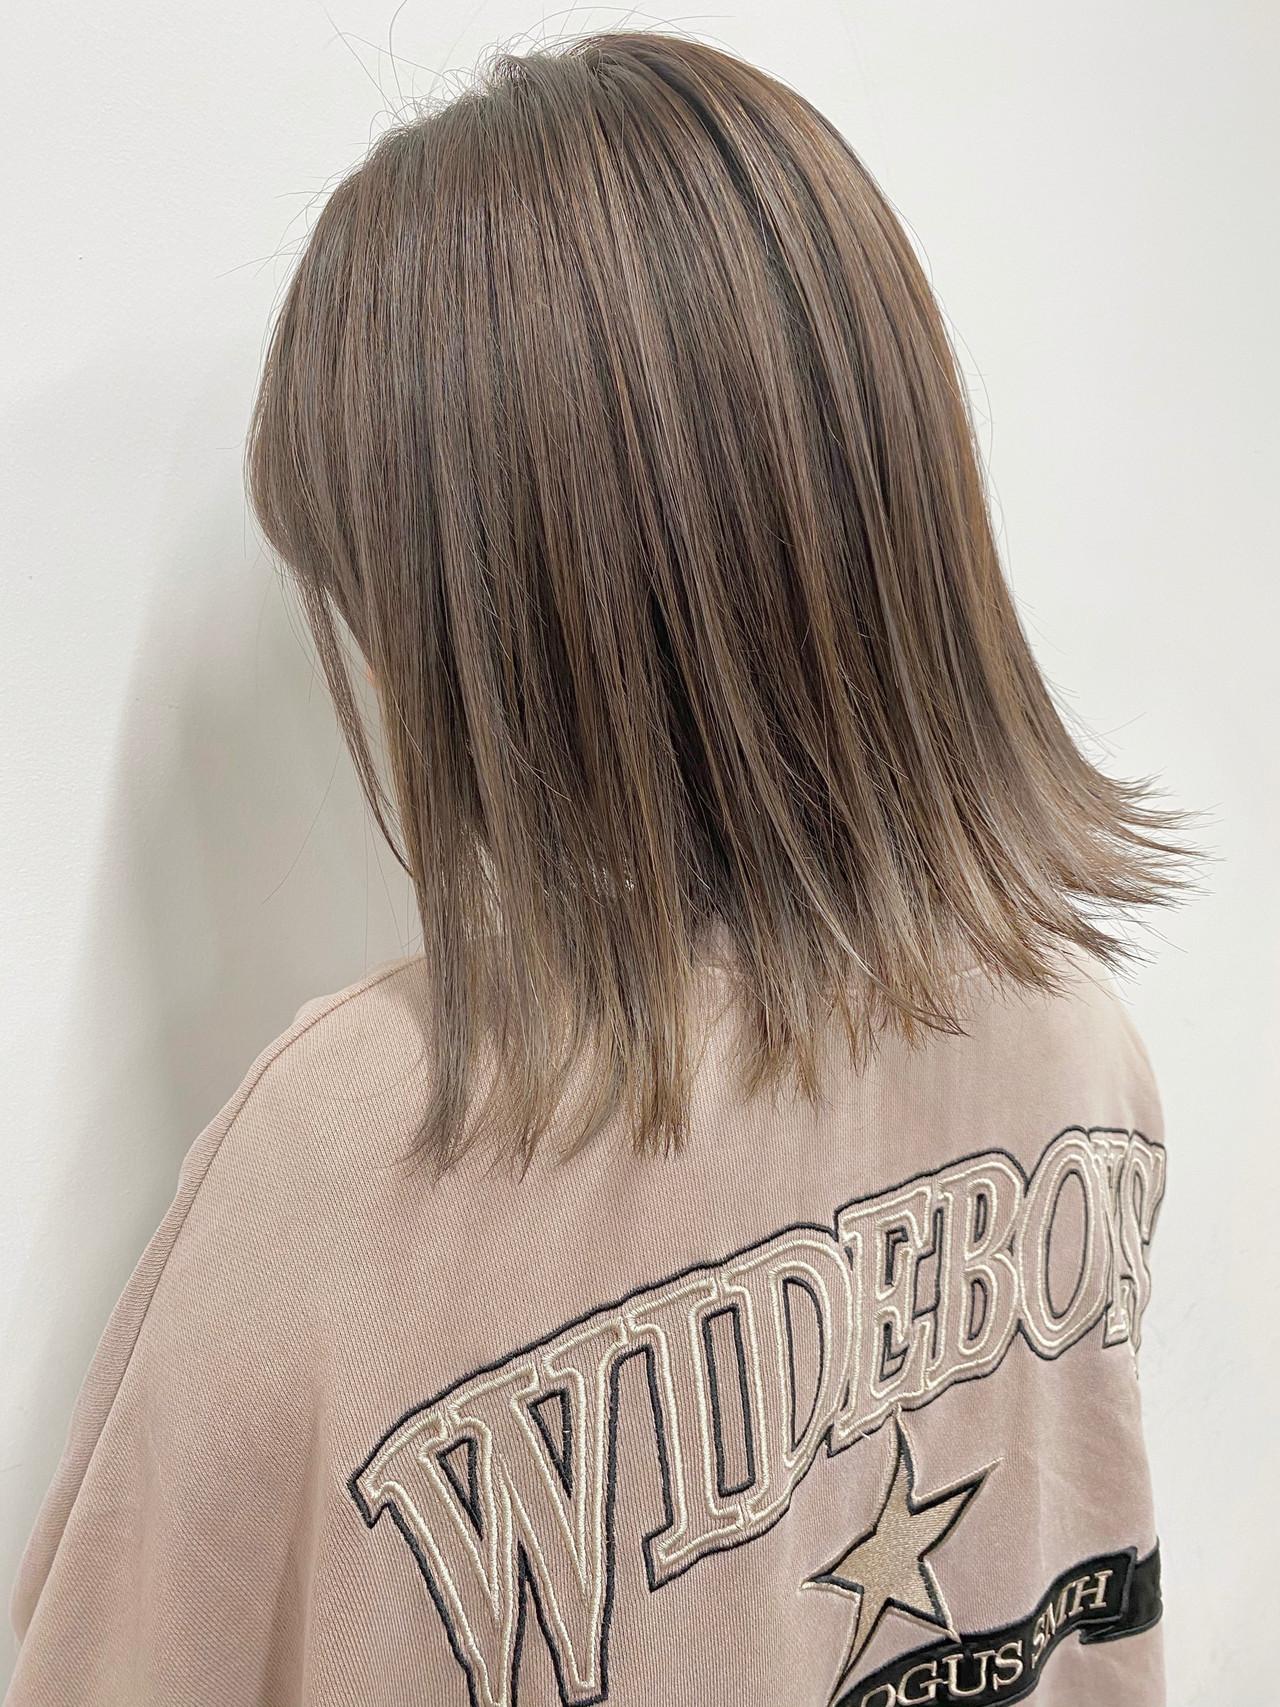 外ハネボブ 3Dハイライト ナチュラル ミルクティーベージュ ヘアスタイルや髪型の写真・画像